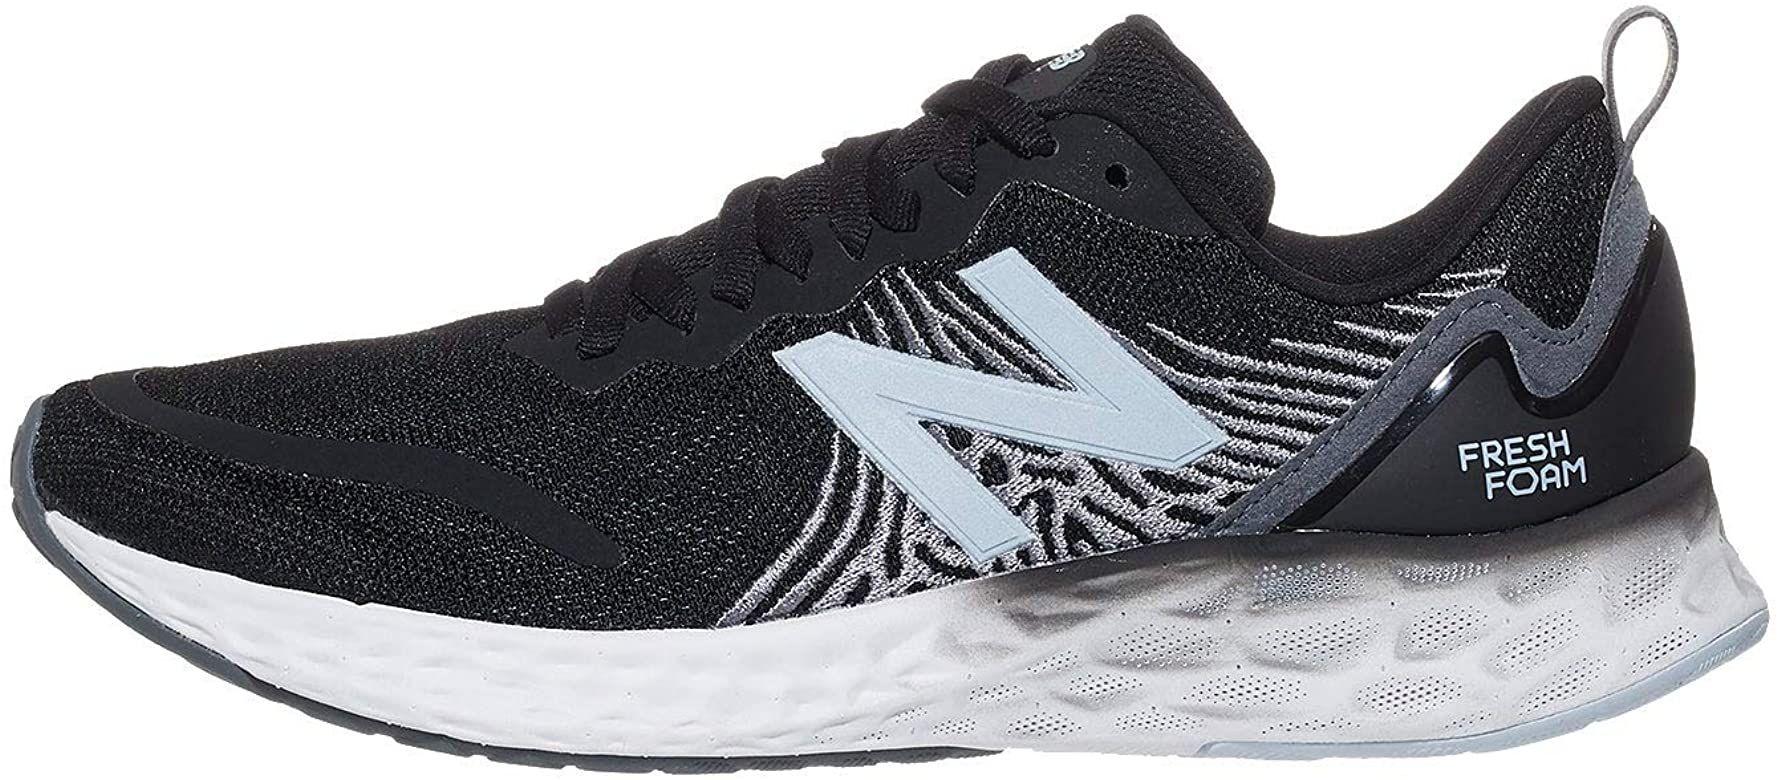 Zapatillas mujer New Balance Fresh Foam | TALLA 37